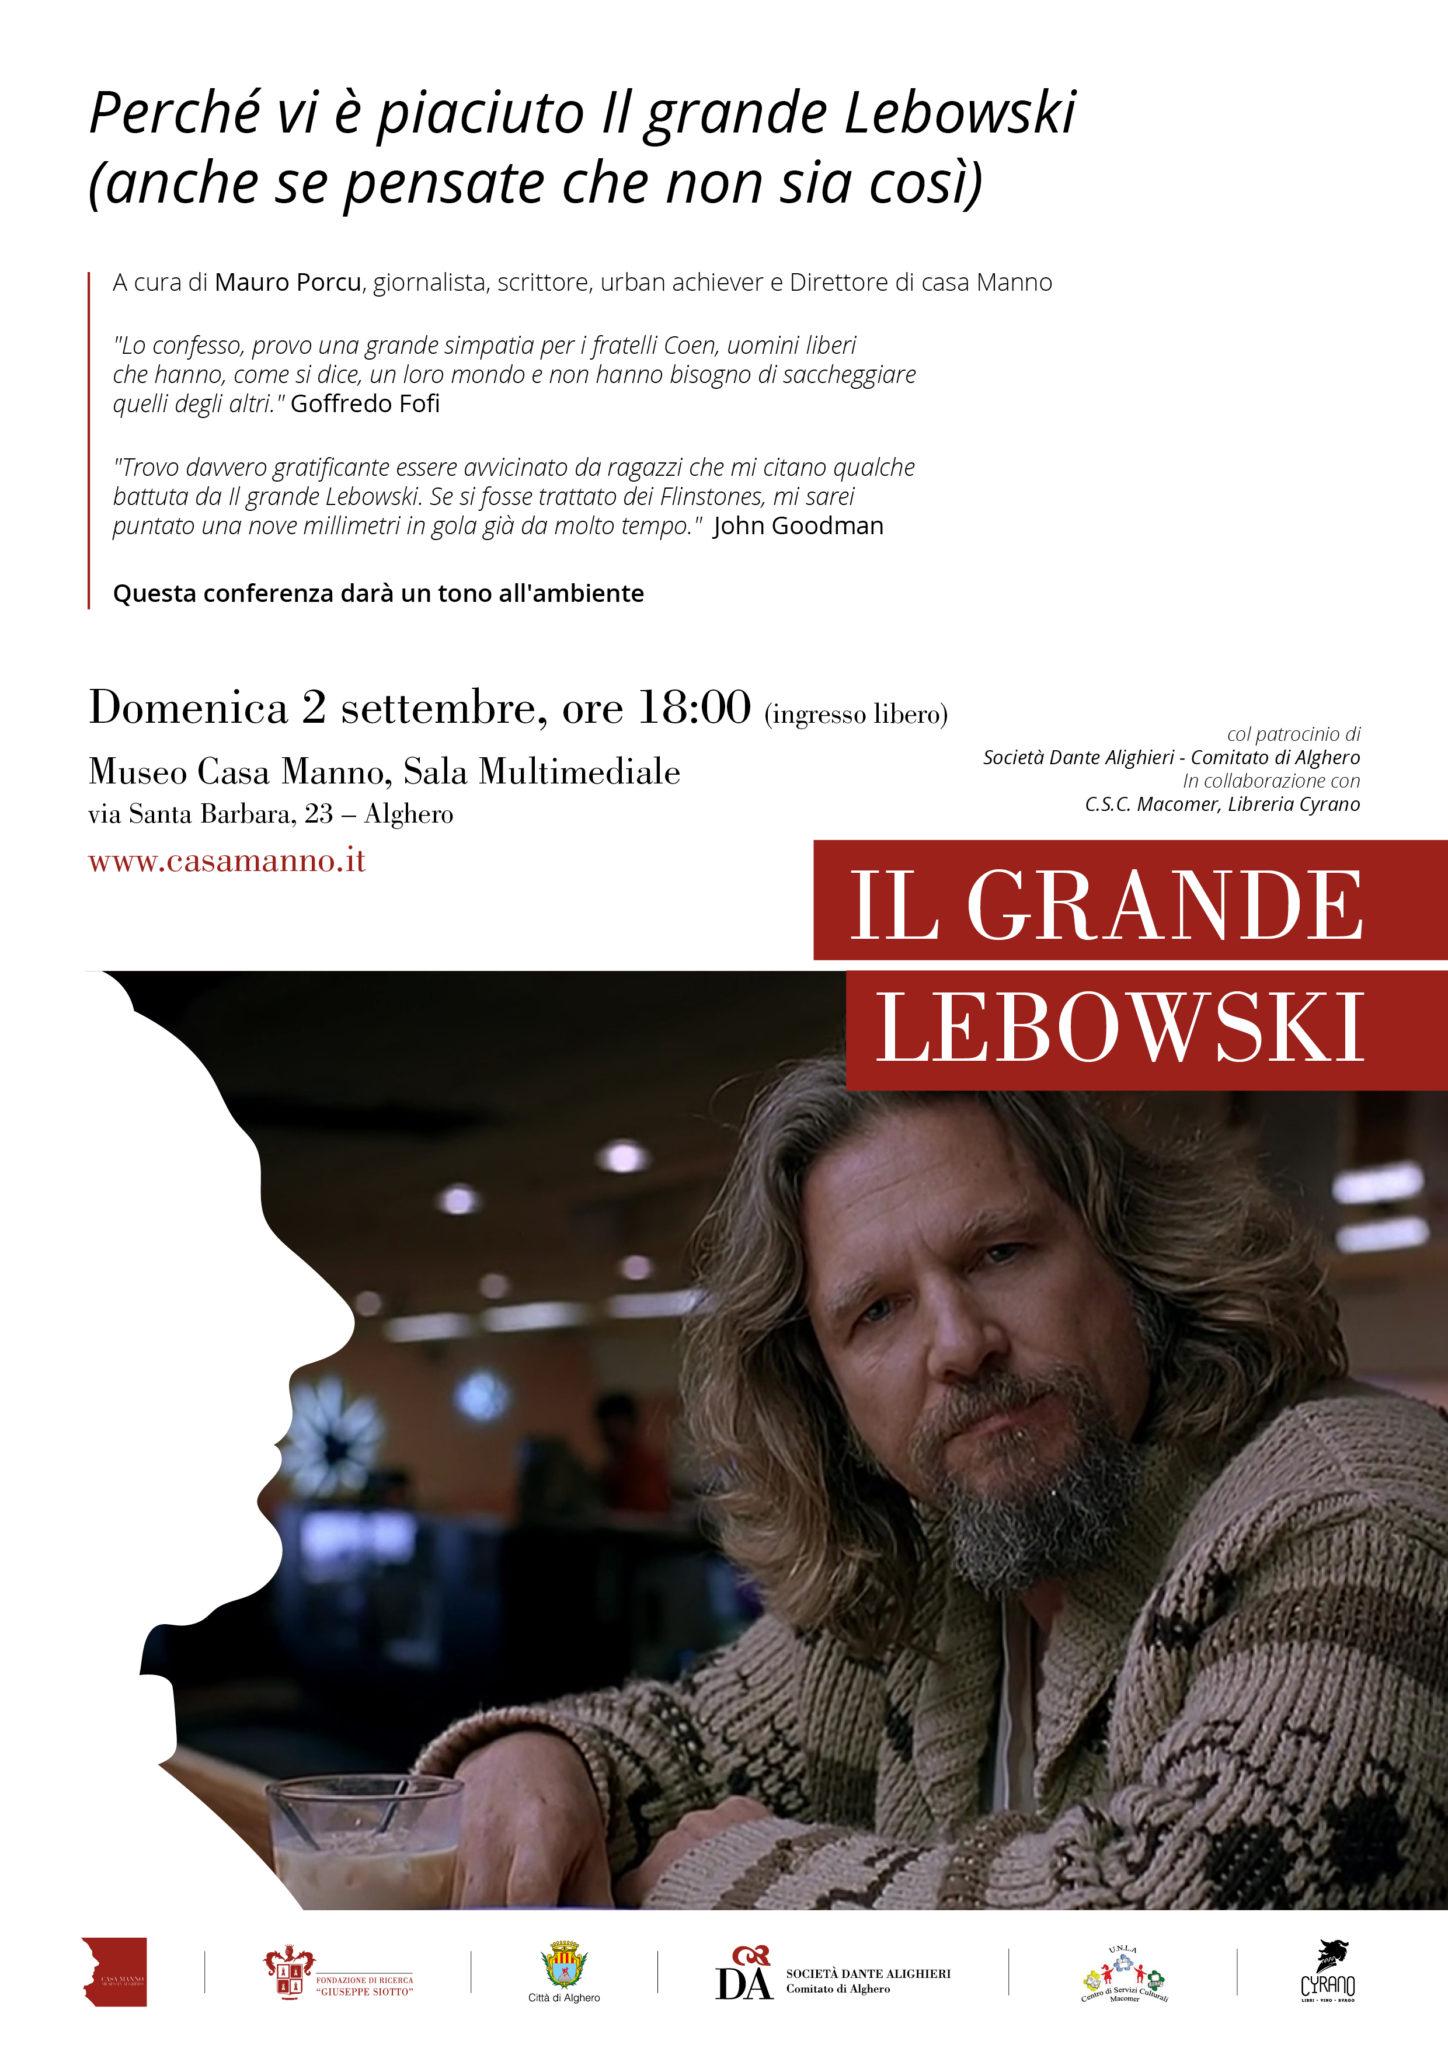 Perché vi è piaciuto Il grande Lebowski Perché vi è piaciuto Il grande Lebowski a cura di Mauro Porcu